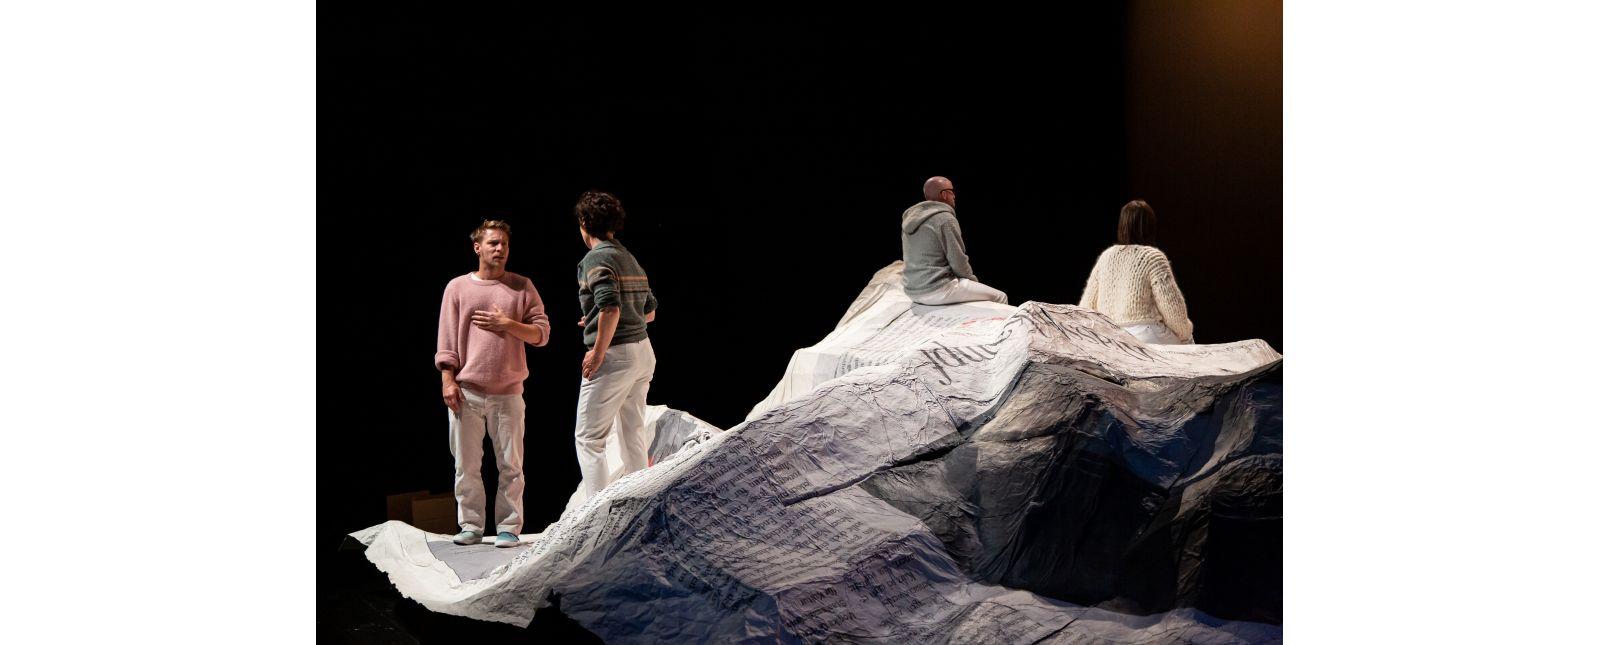 NUR DAS BESTE // Martin Hohner / Elisabeth Kopp / Tim Al-Windawe / Iris Becher // 2020 // Laura Nickel